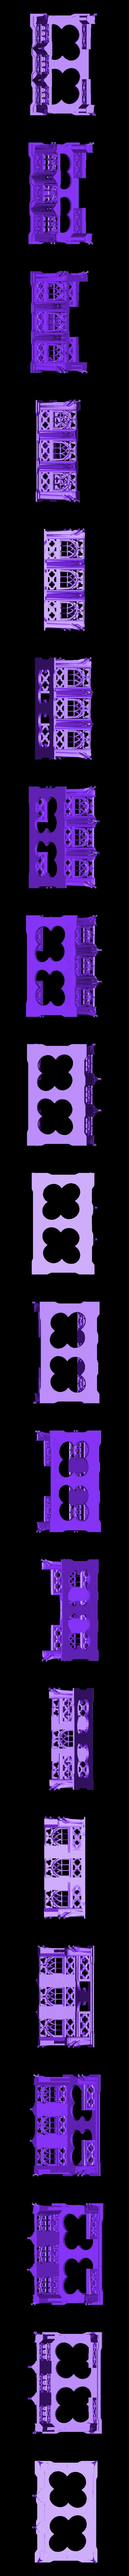 porte cartes.stl Download free STL file gothic inspired business card holder • 3D printing template, hicksadder